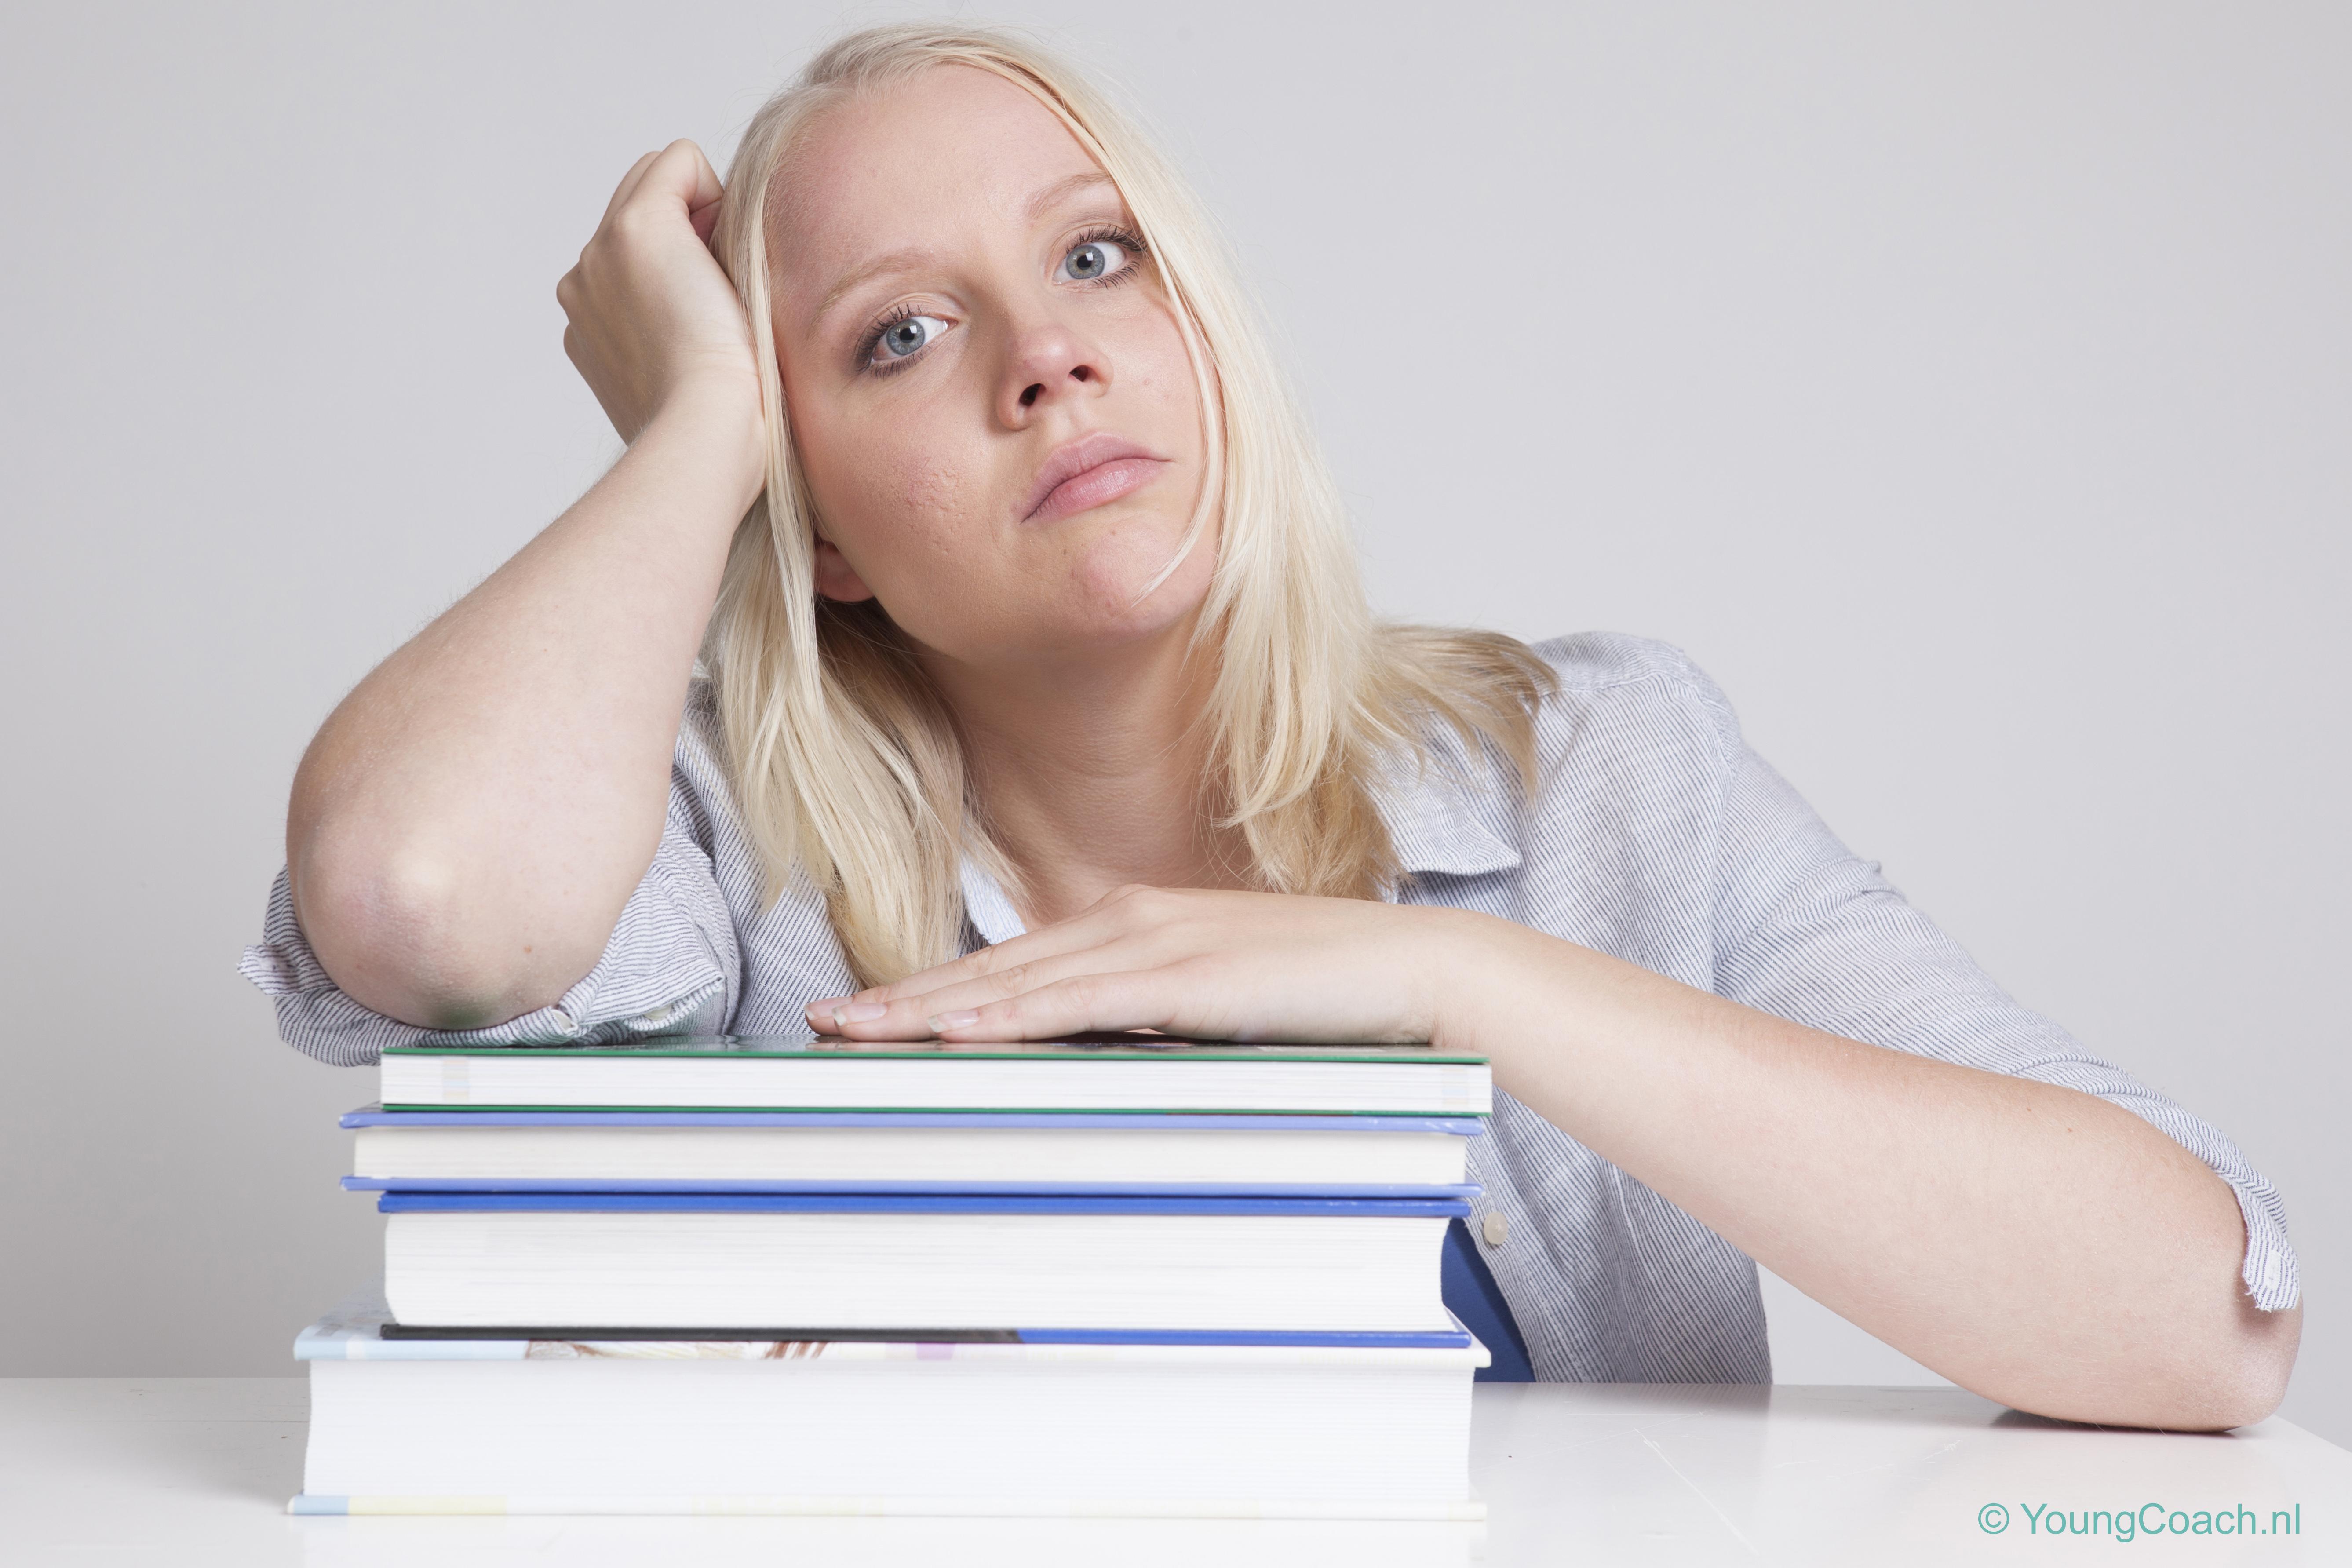 Prestatiedruk op school, YoungCoach, Sharon Uitendaal, jong burnout